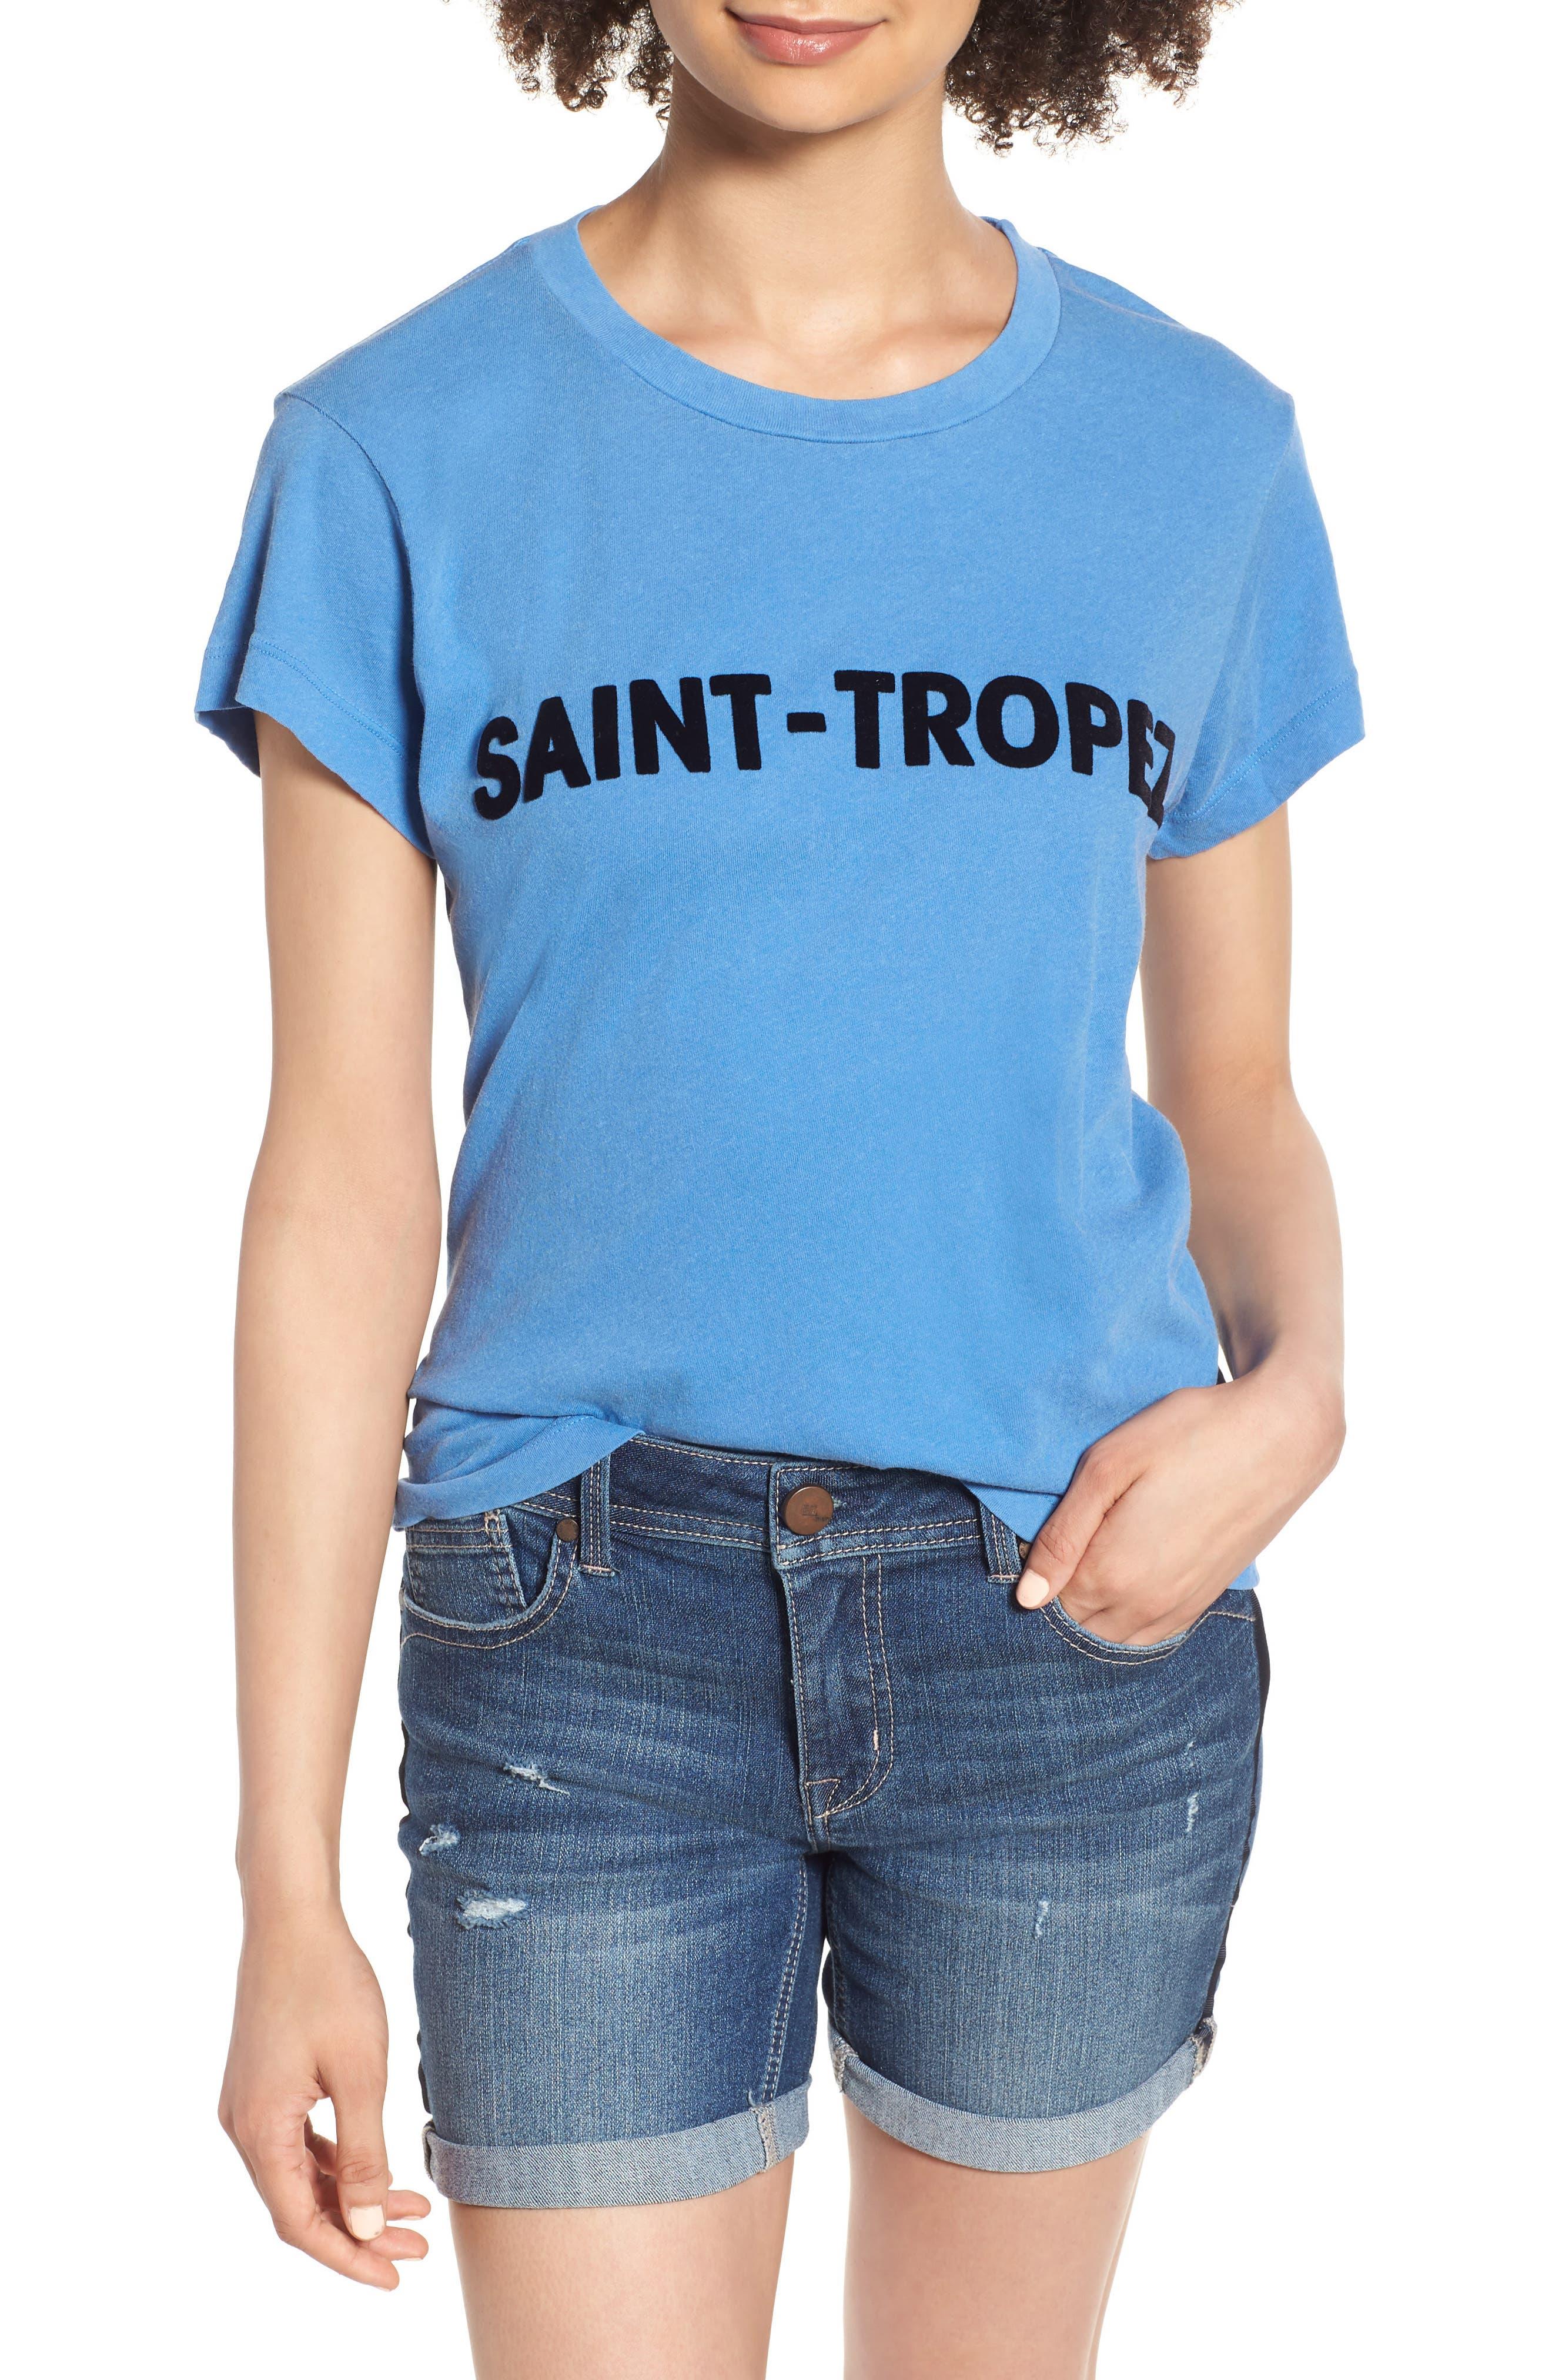 Saint Tropez Tee,                         Main,                         color, Pigment Blue Coast